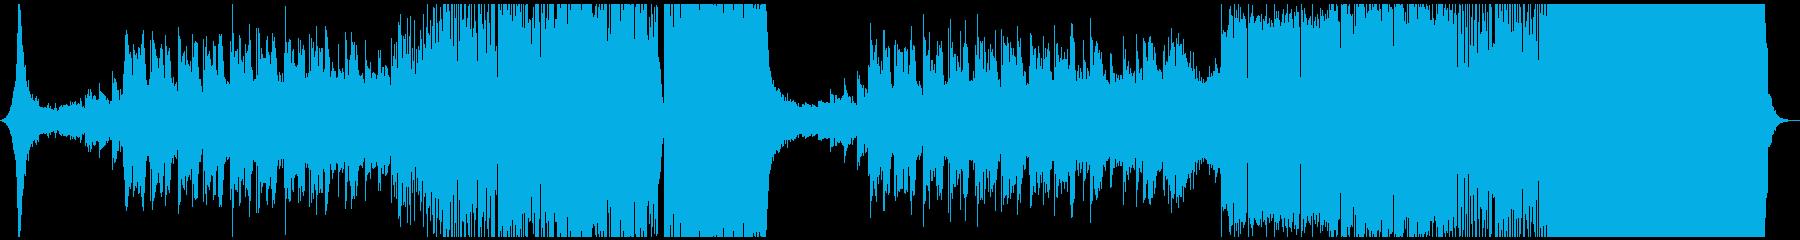 力強いシンセが特徴のダブステップEDMの再生済みの波形